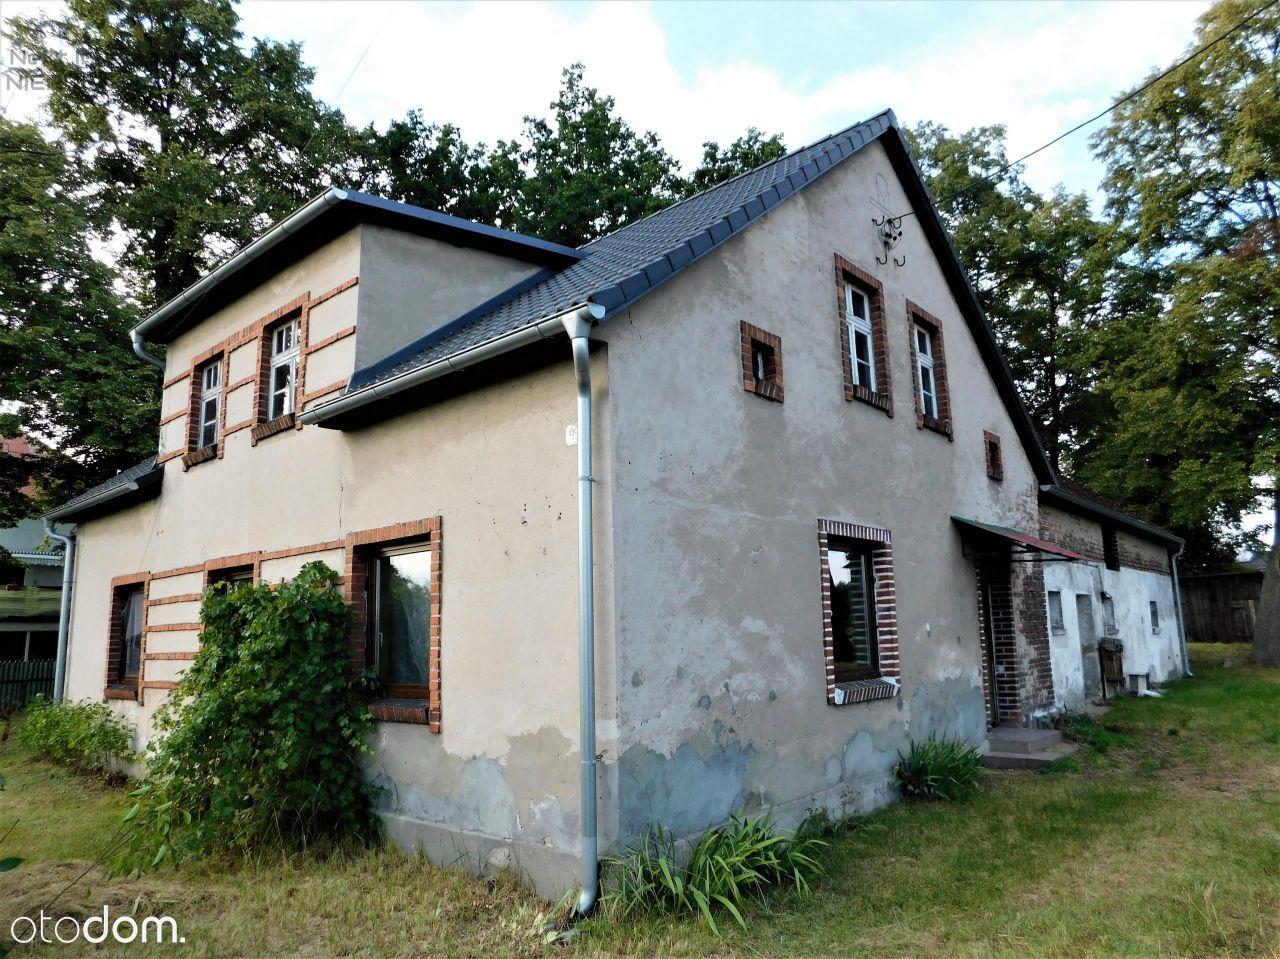 Dom wraz zabudową gospodarczą, spokojna okolica